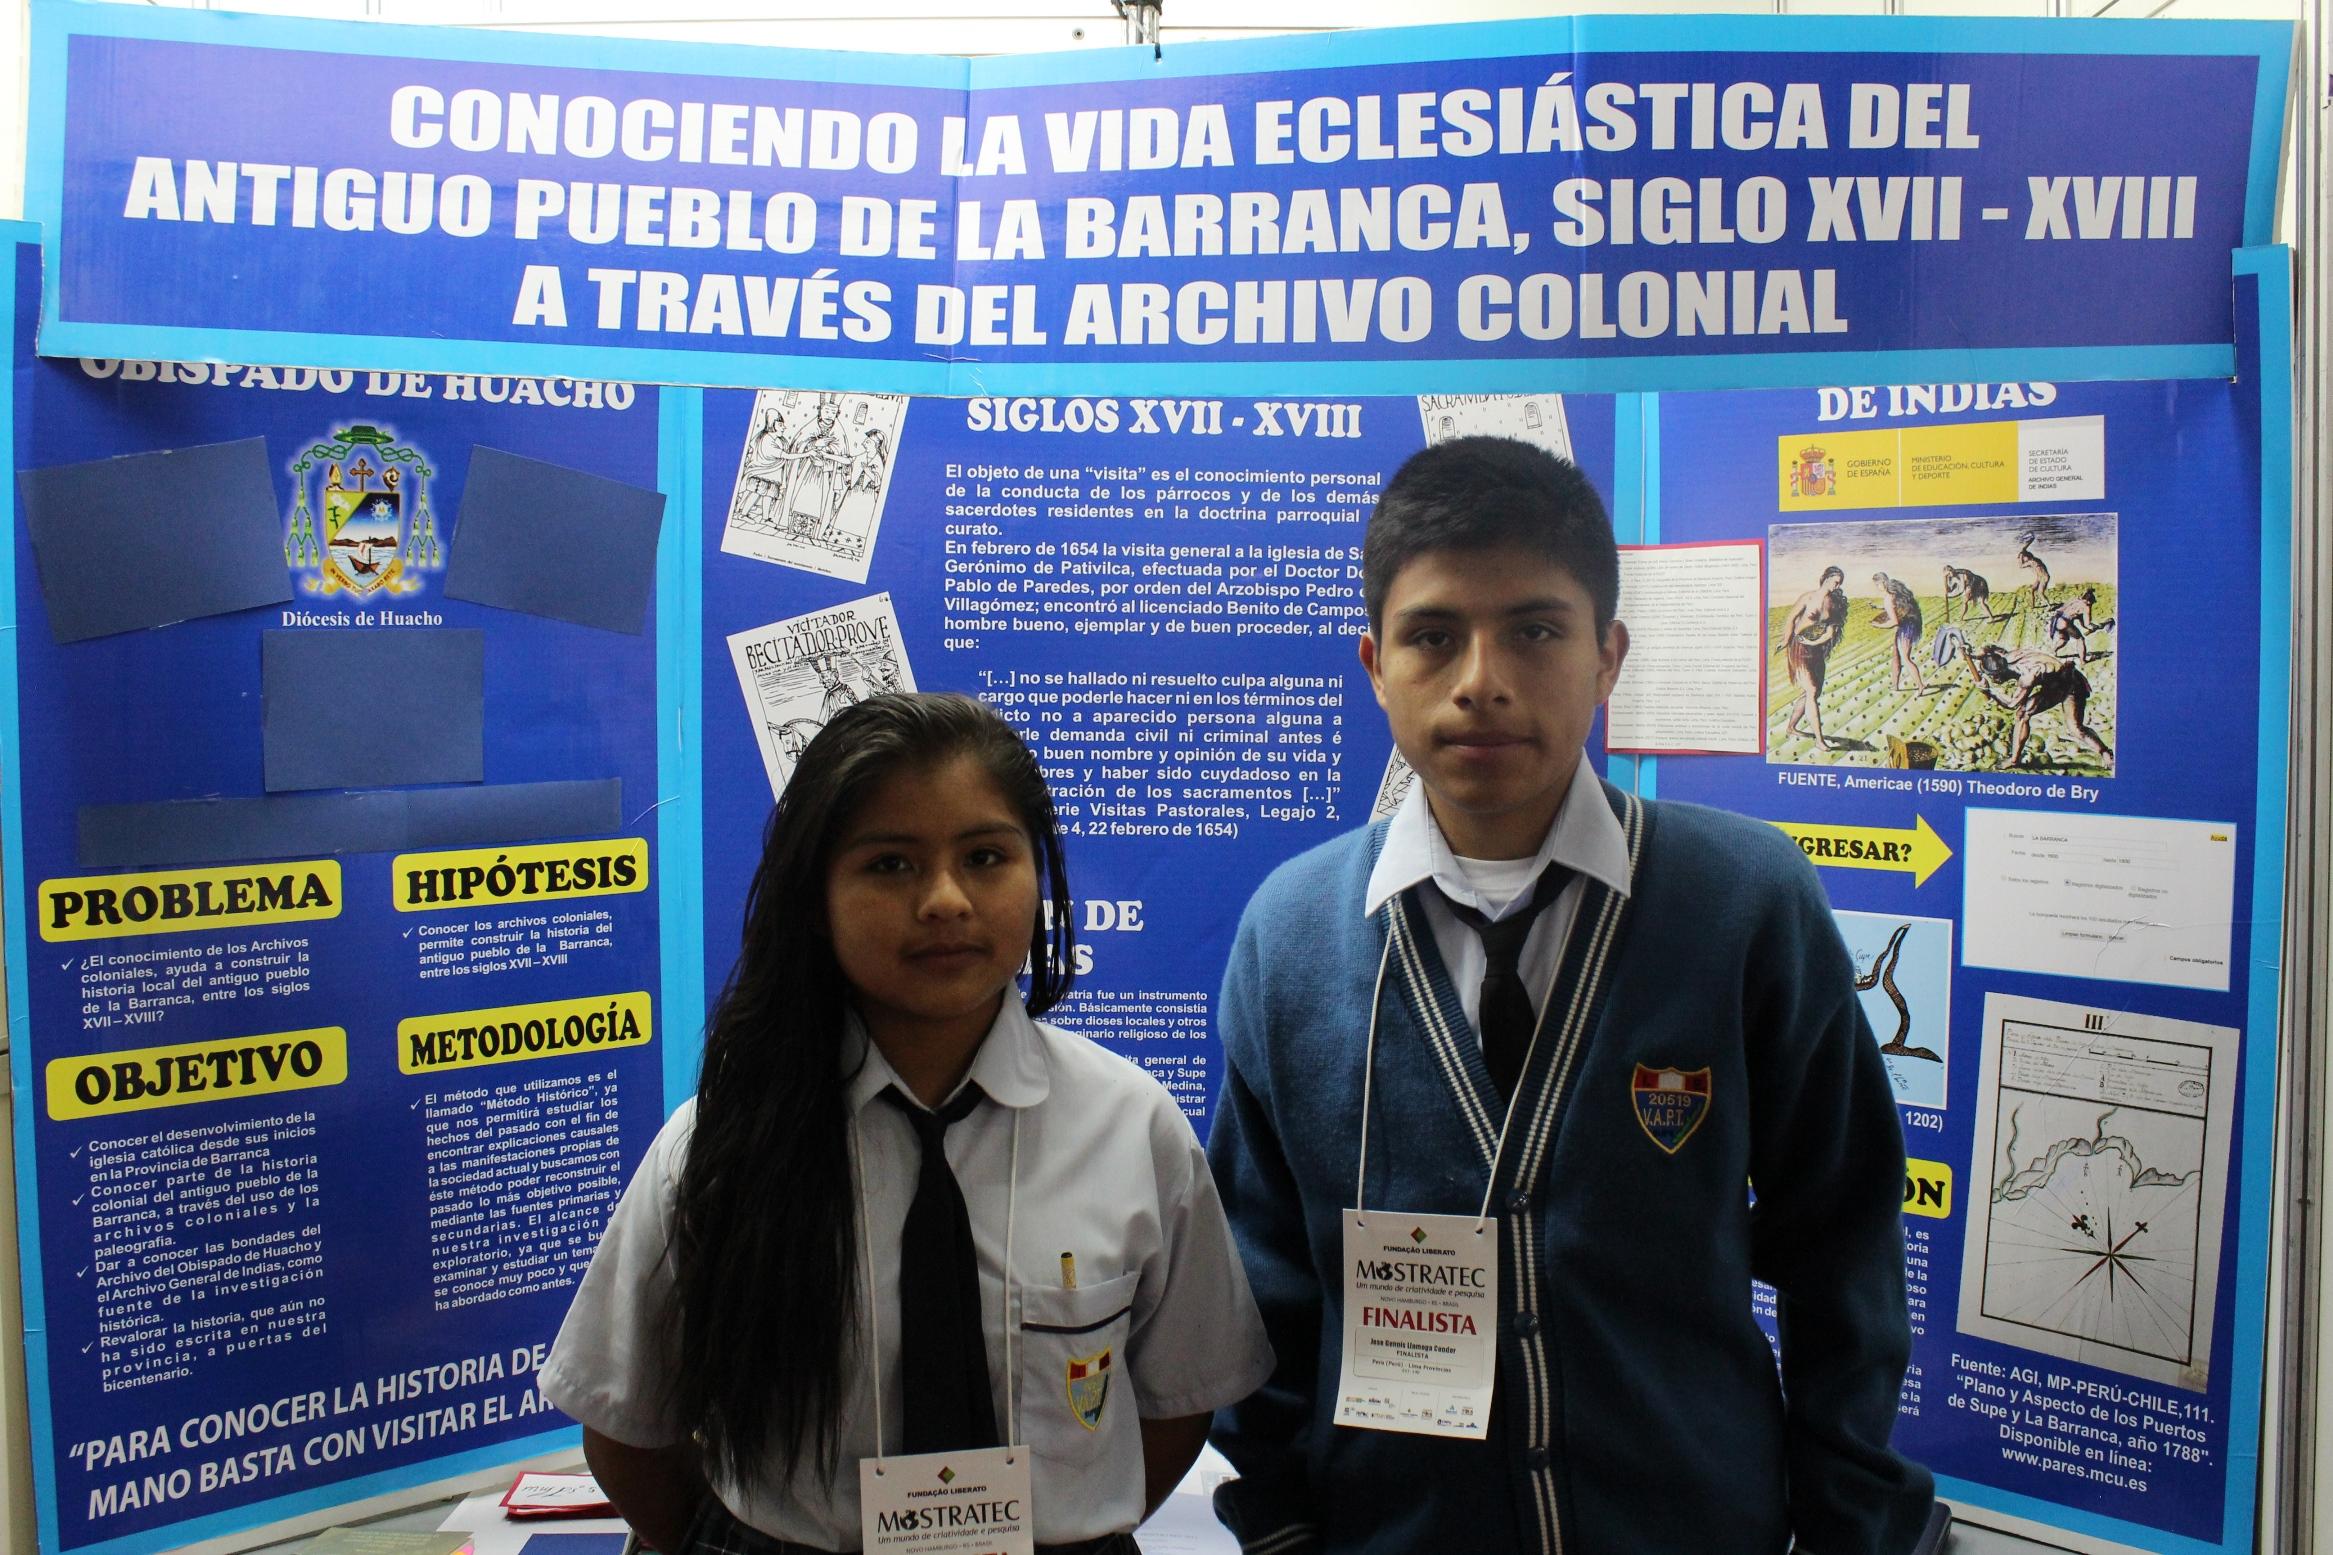 Na Mostratec, alunos peruanos expõem pesquisa de resgate histórico da cidade de Barranca